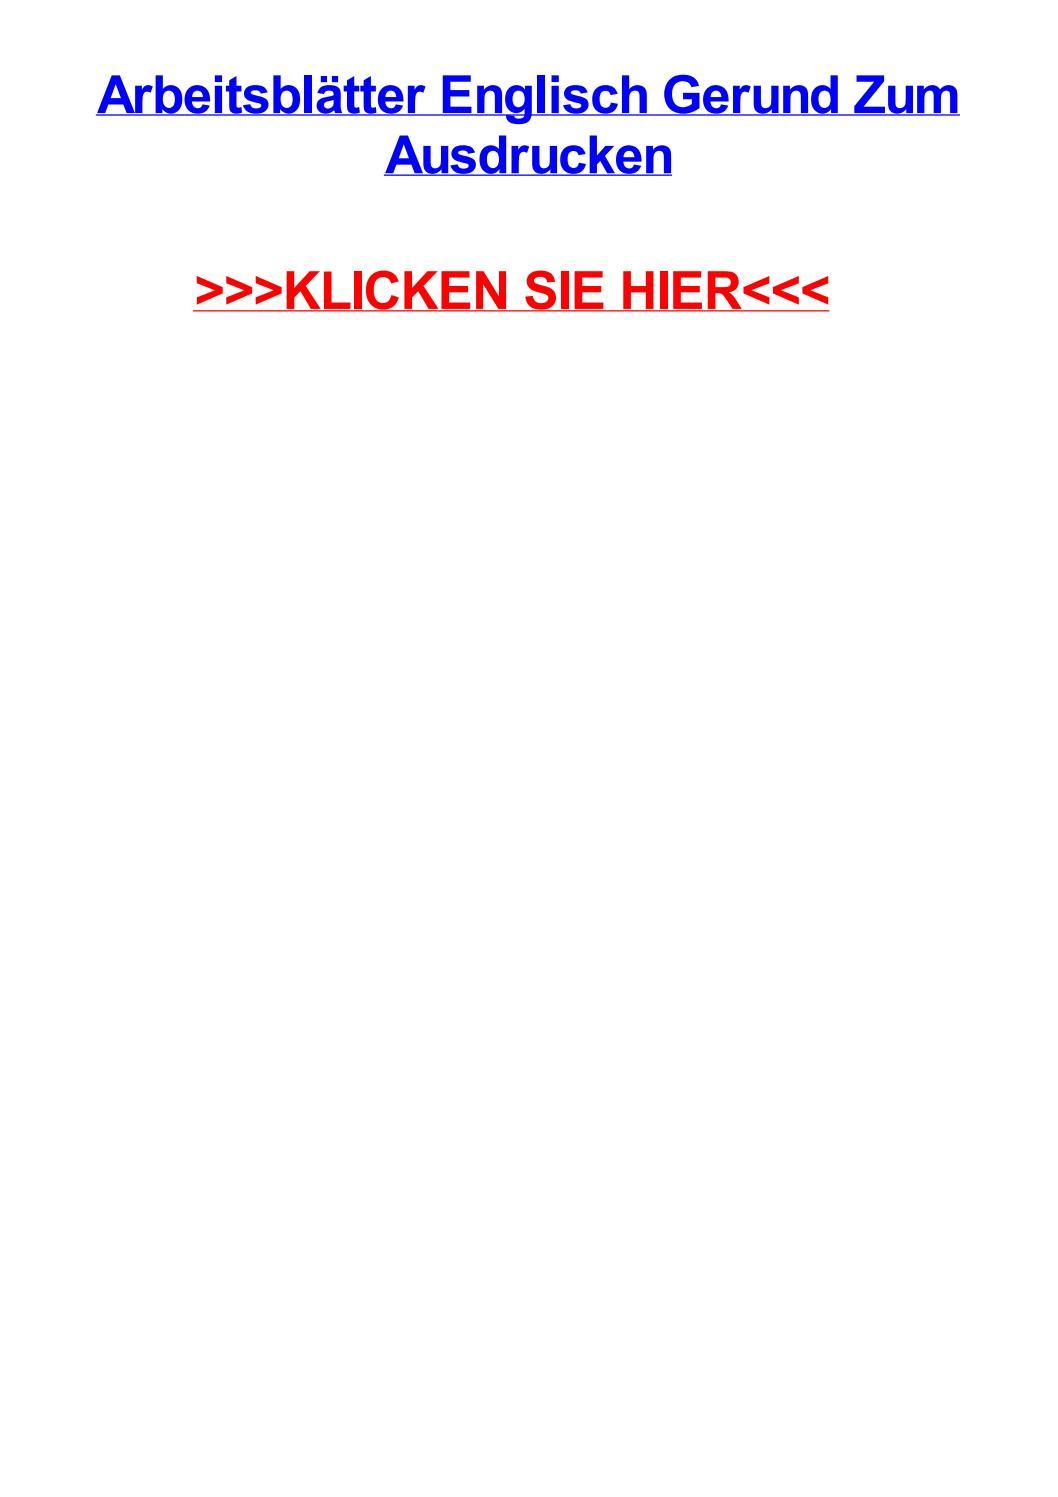 Arbeitsbltter englisch gerund zum ausdrucken by jesspwpa - issuu